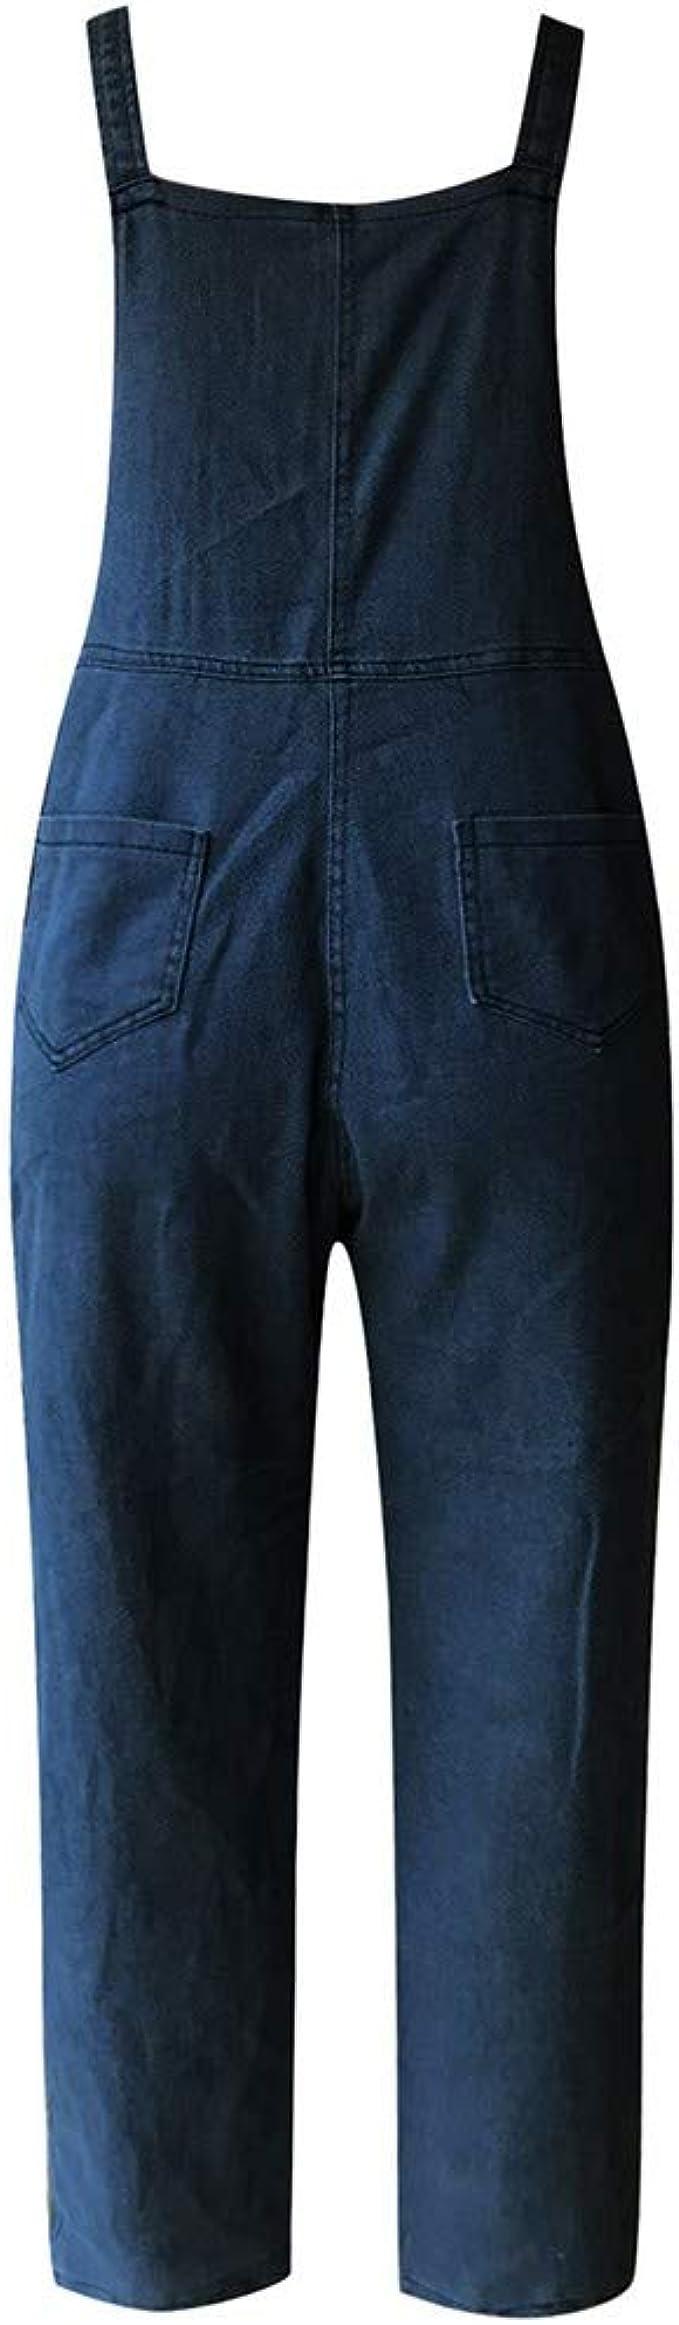 LianMengMVP Mono Vaquero Mujer LMMVP Pantalones Estampado de Flores Casual Pantalones Pants Jumpsuits Femenina Petos Pantalones de Mezclilla Rompers Mameluco Monos con Bolsillo M, Azul Claro